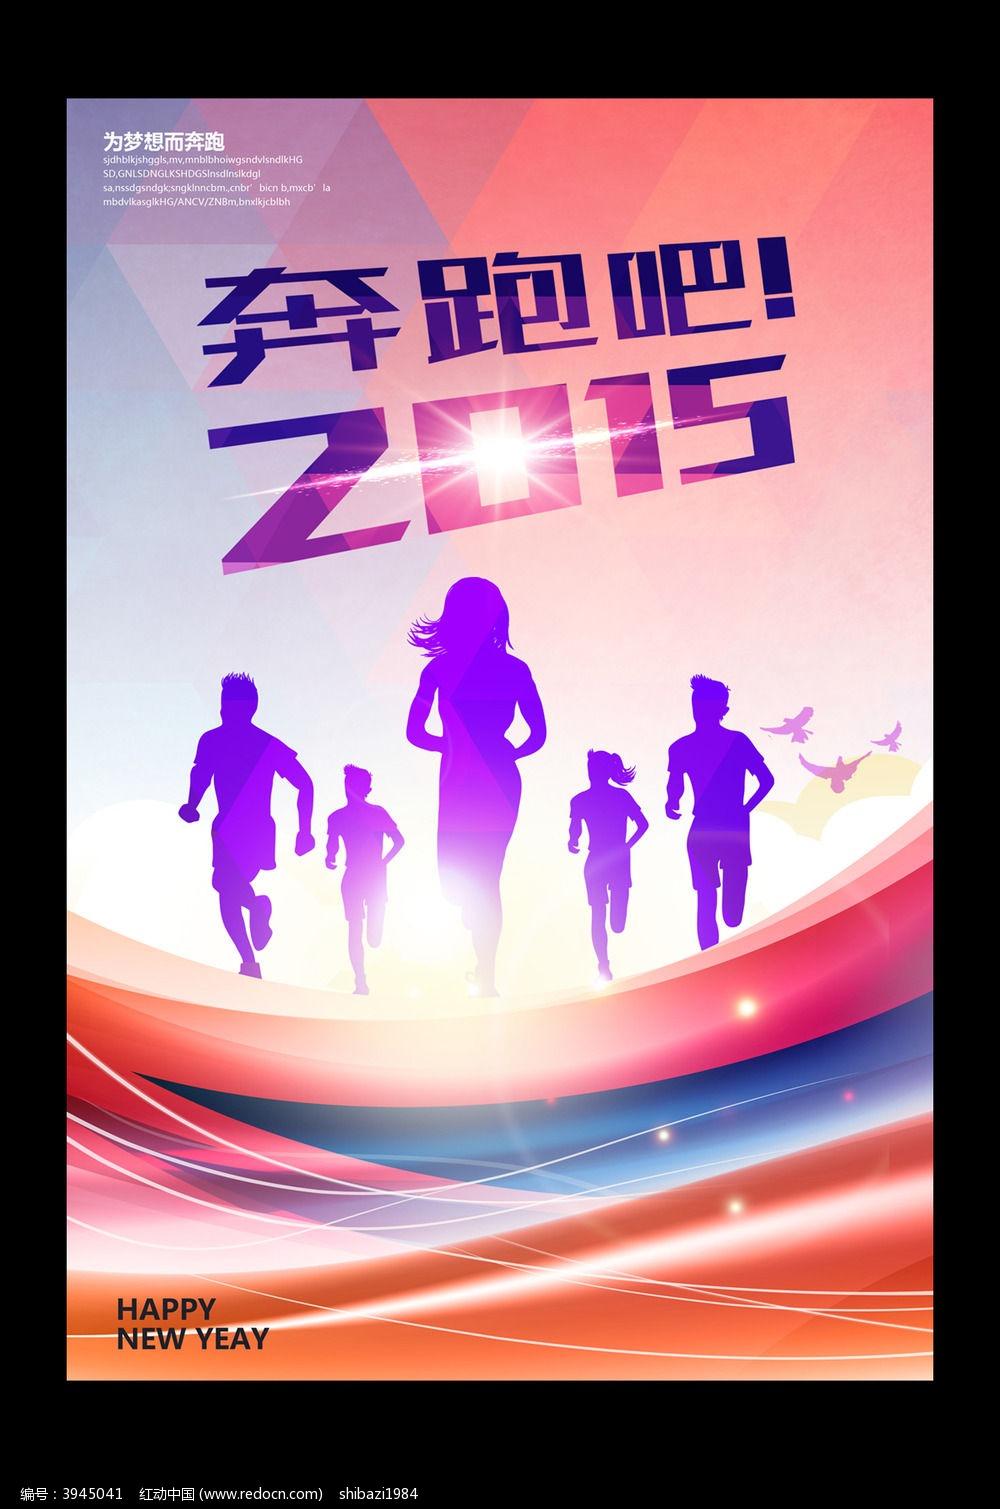 奔跑吧2015青春梦想海报设计